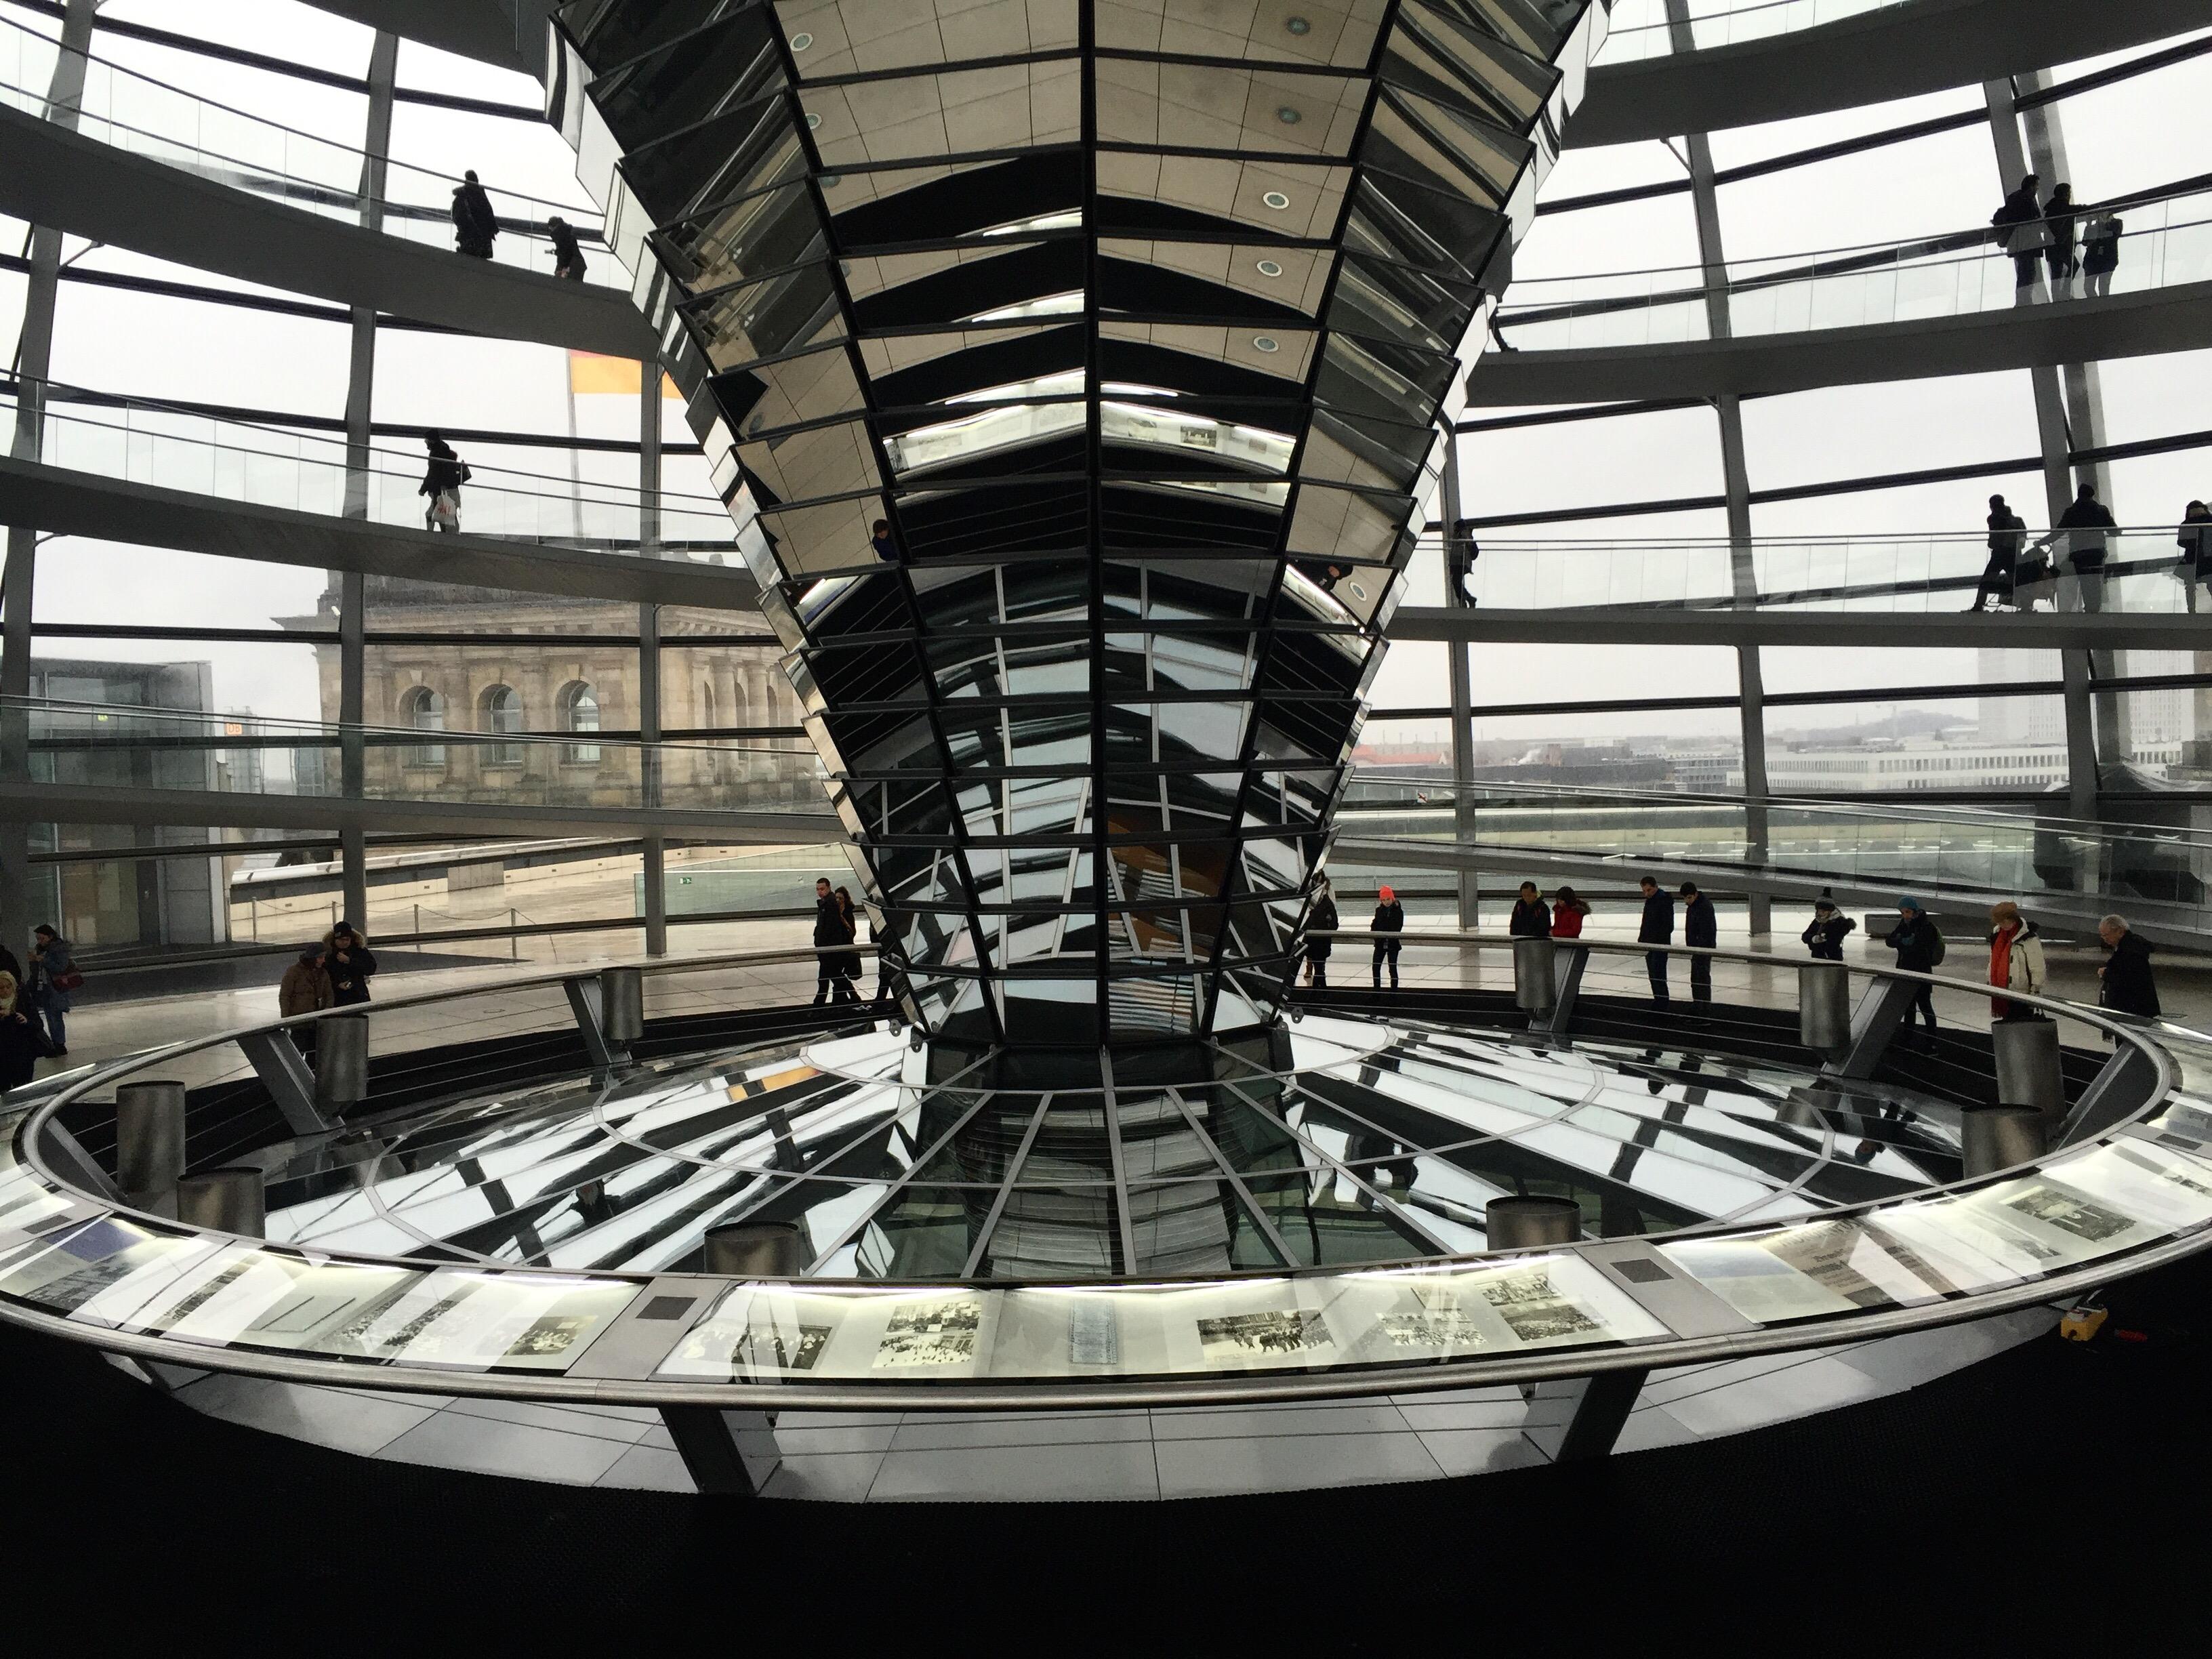 [2016德國柏林Day3 part1]德國國會大廈Reichstagsgebäude – MINLI